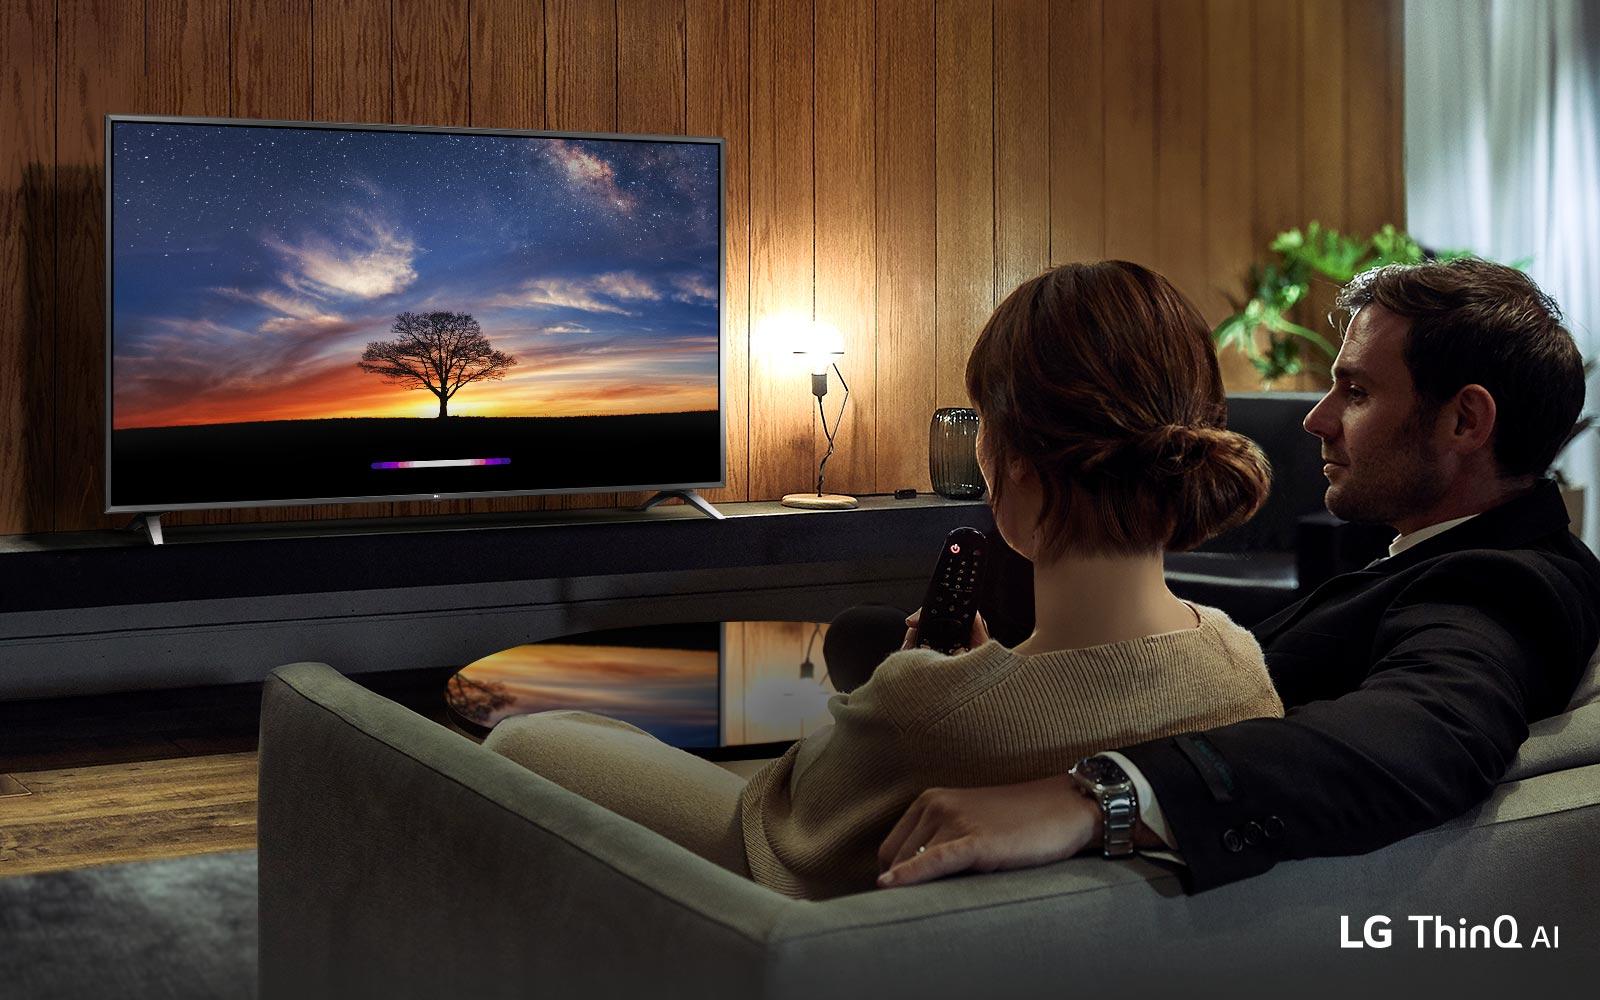 تلویزیون49 اینچ 4k ال جی مدل 49UM7340_ال جی 49 اینچ هوشمند